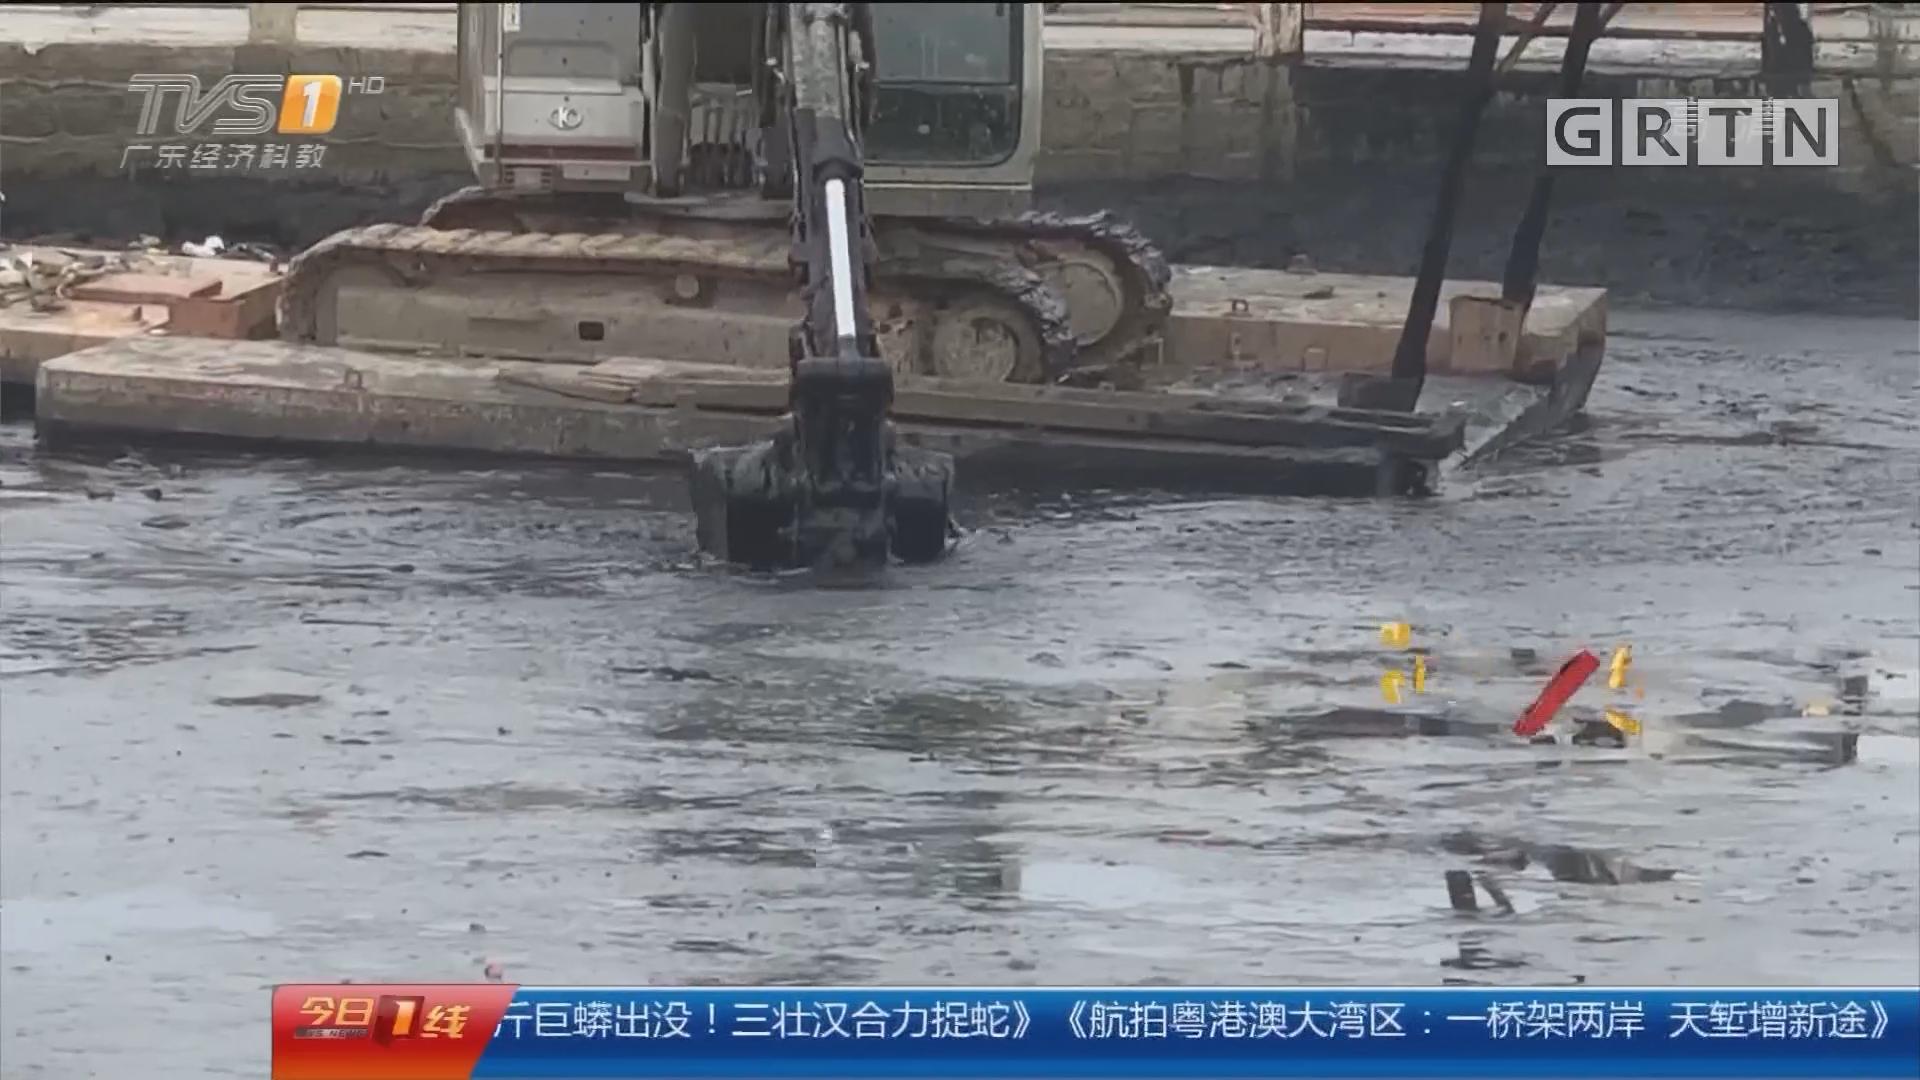 汕头水浸新闻追踪:破围堰保民生 力争汛期前完成河道清淤